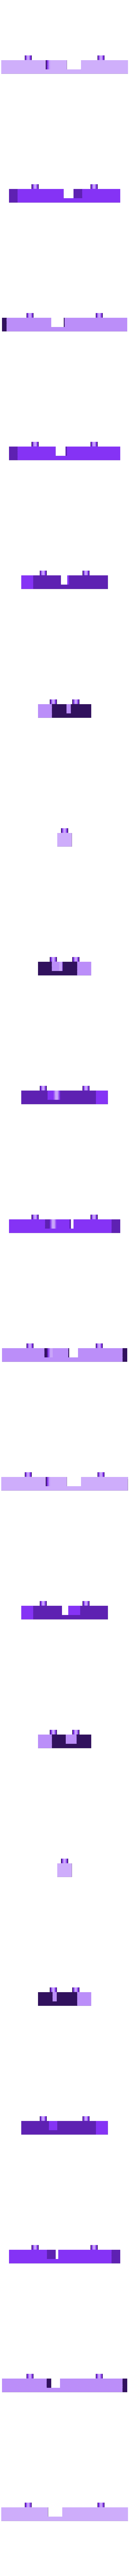 slide2.stl Télécharger fichier STL gratuit Boîte de casse-tête combinée • Modèle à imprimer en 3D, mtairymd